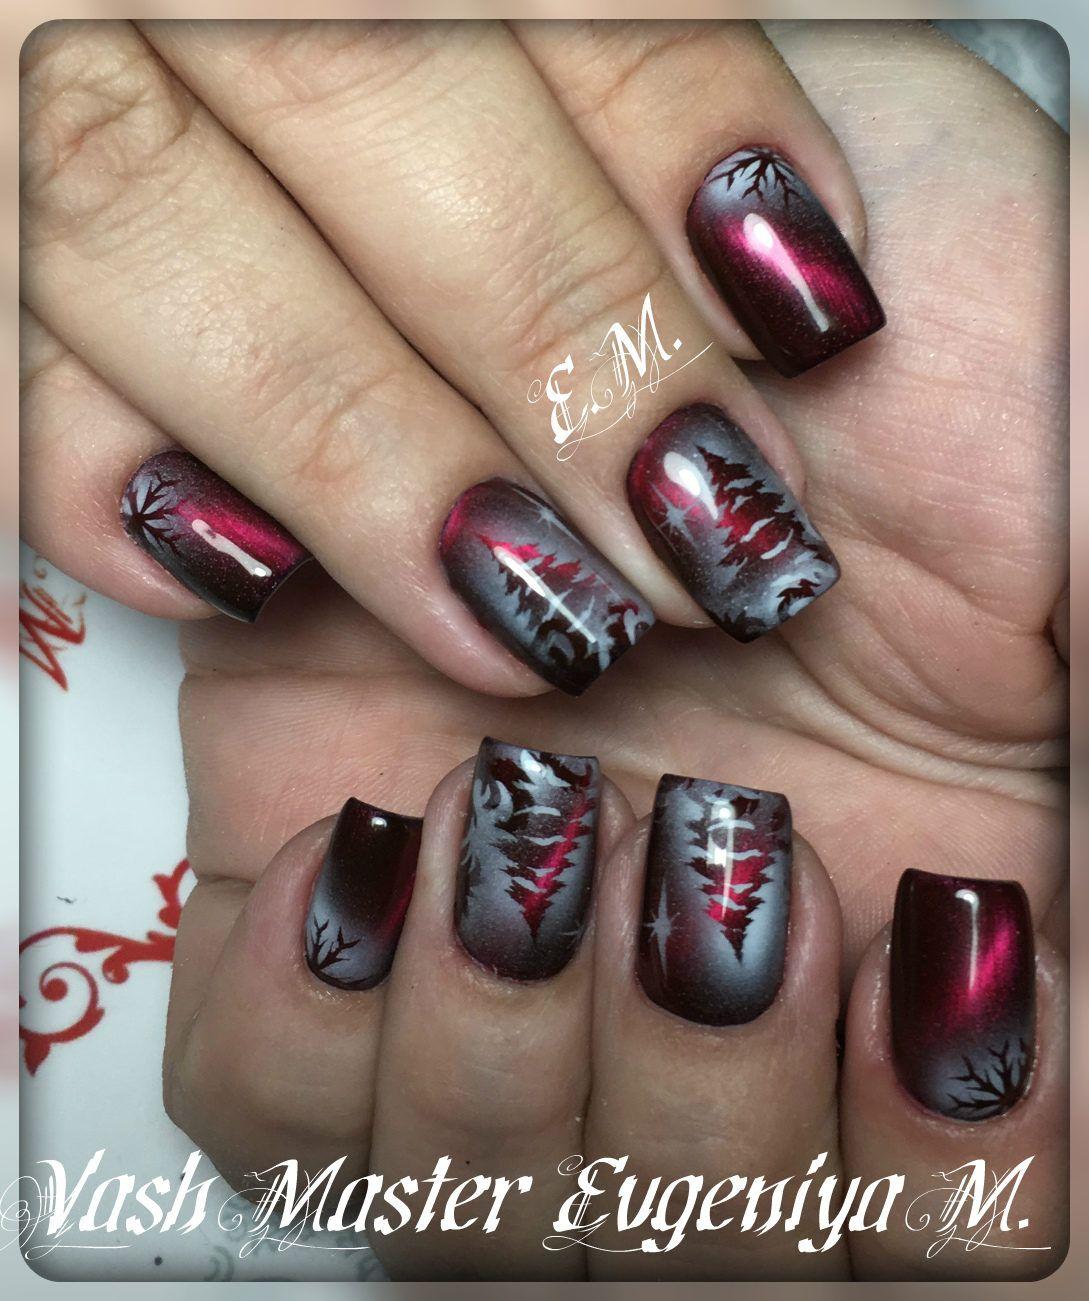 nail polish colors nail designs pinterest prinsesfo Choice Image